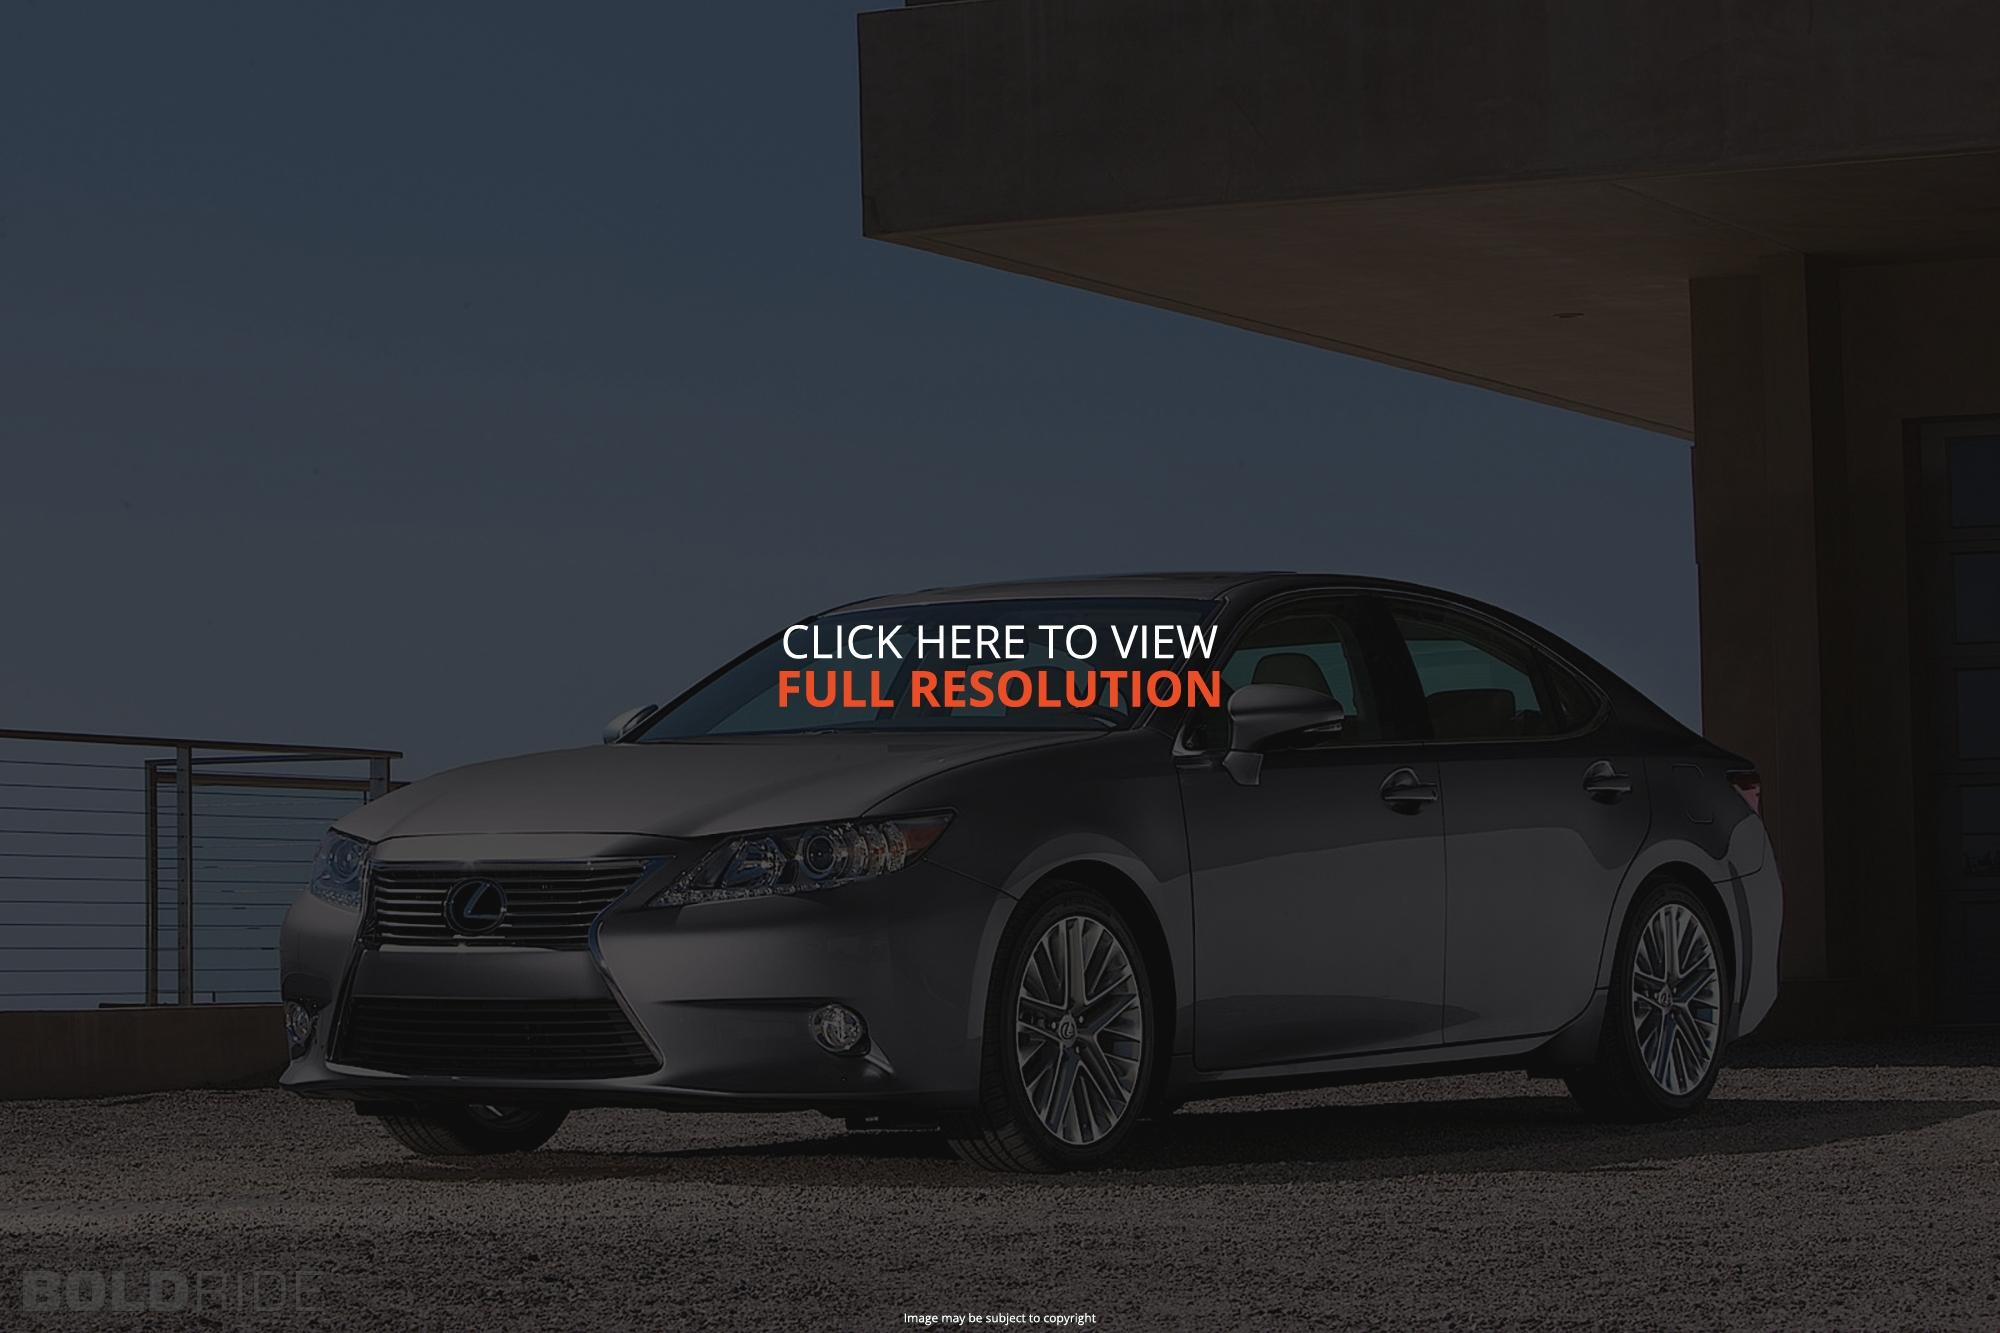 2014 Lexus Es 350 Image 10